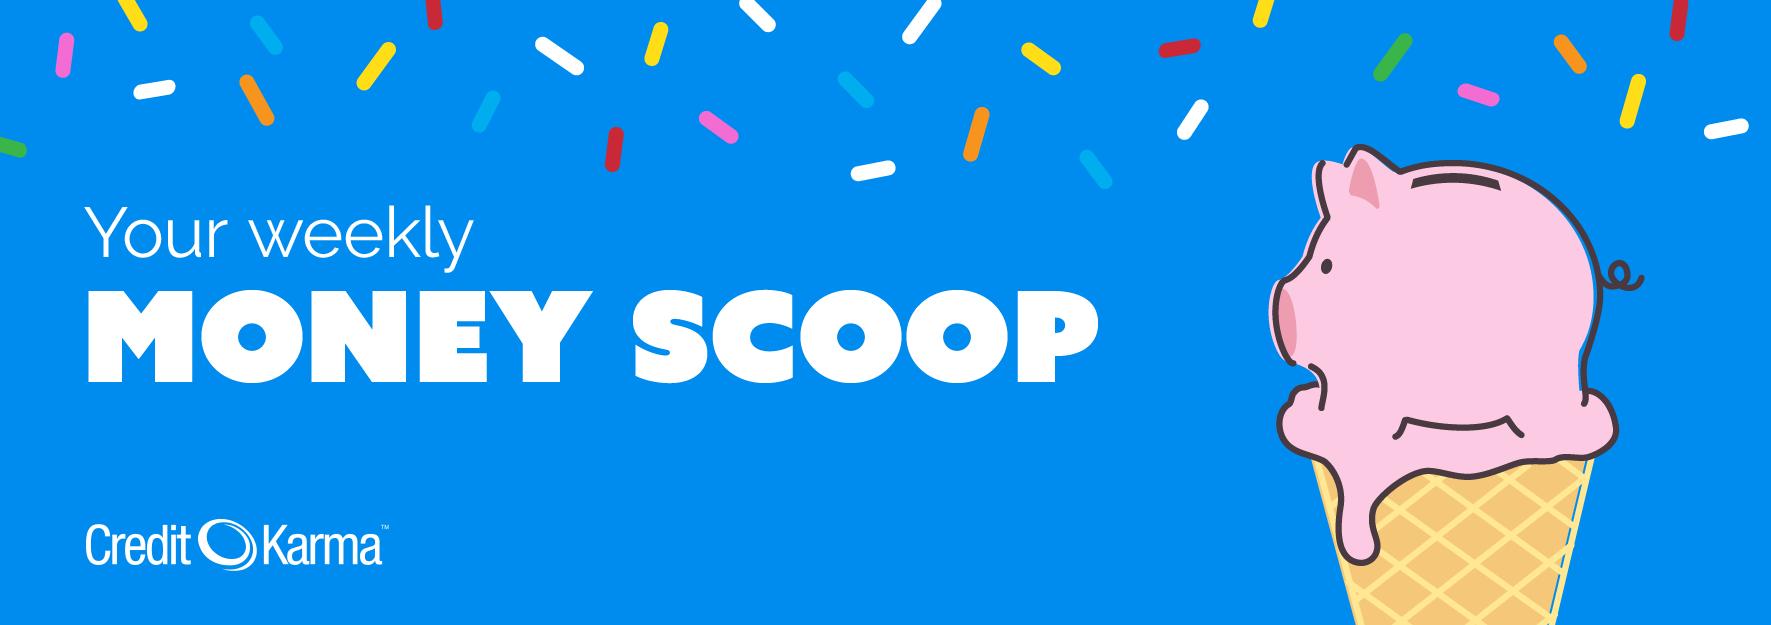 Your weekly money scoop: September 30, 2016